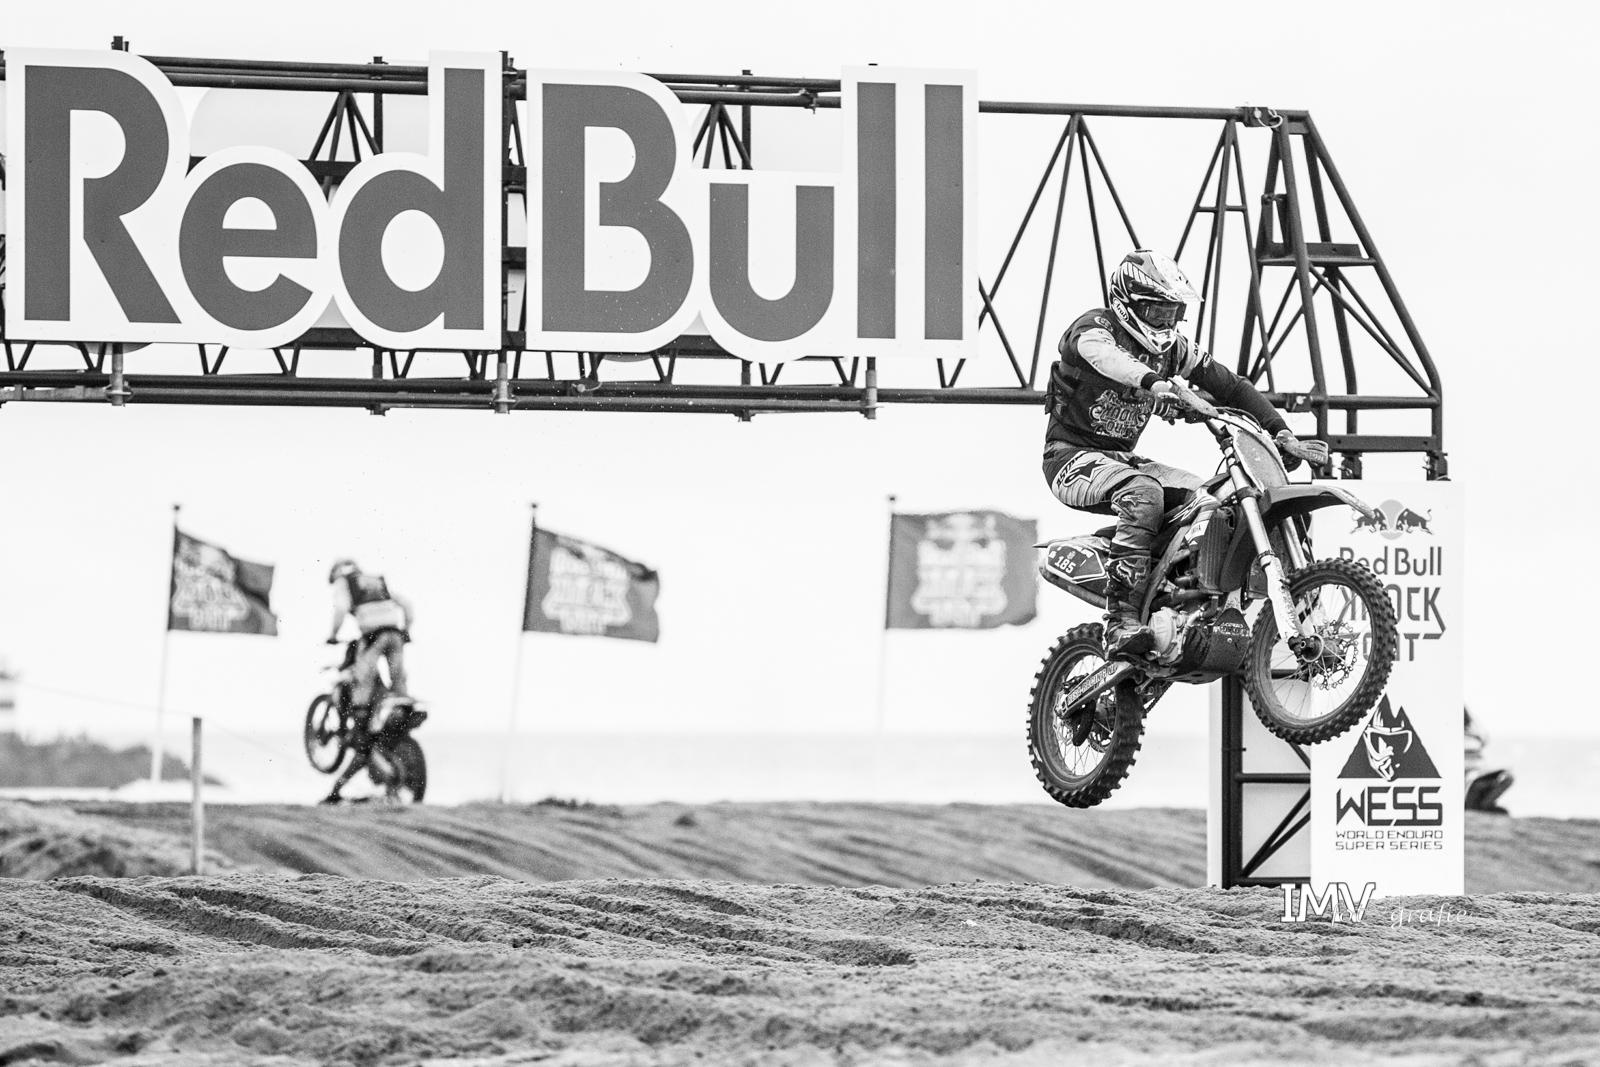 Red Bull Motor Race 11 november 2018